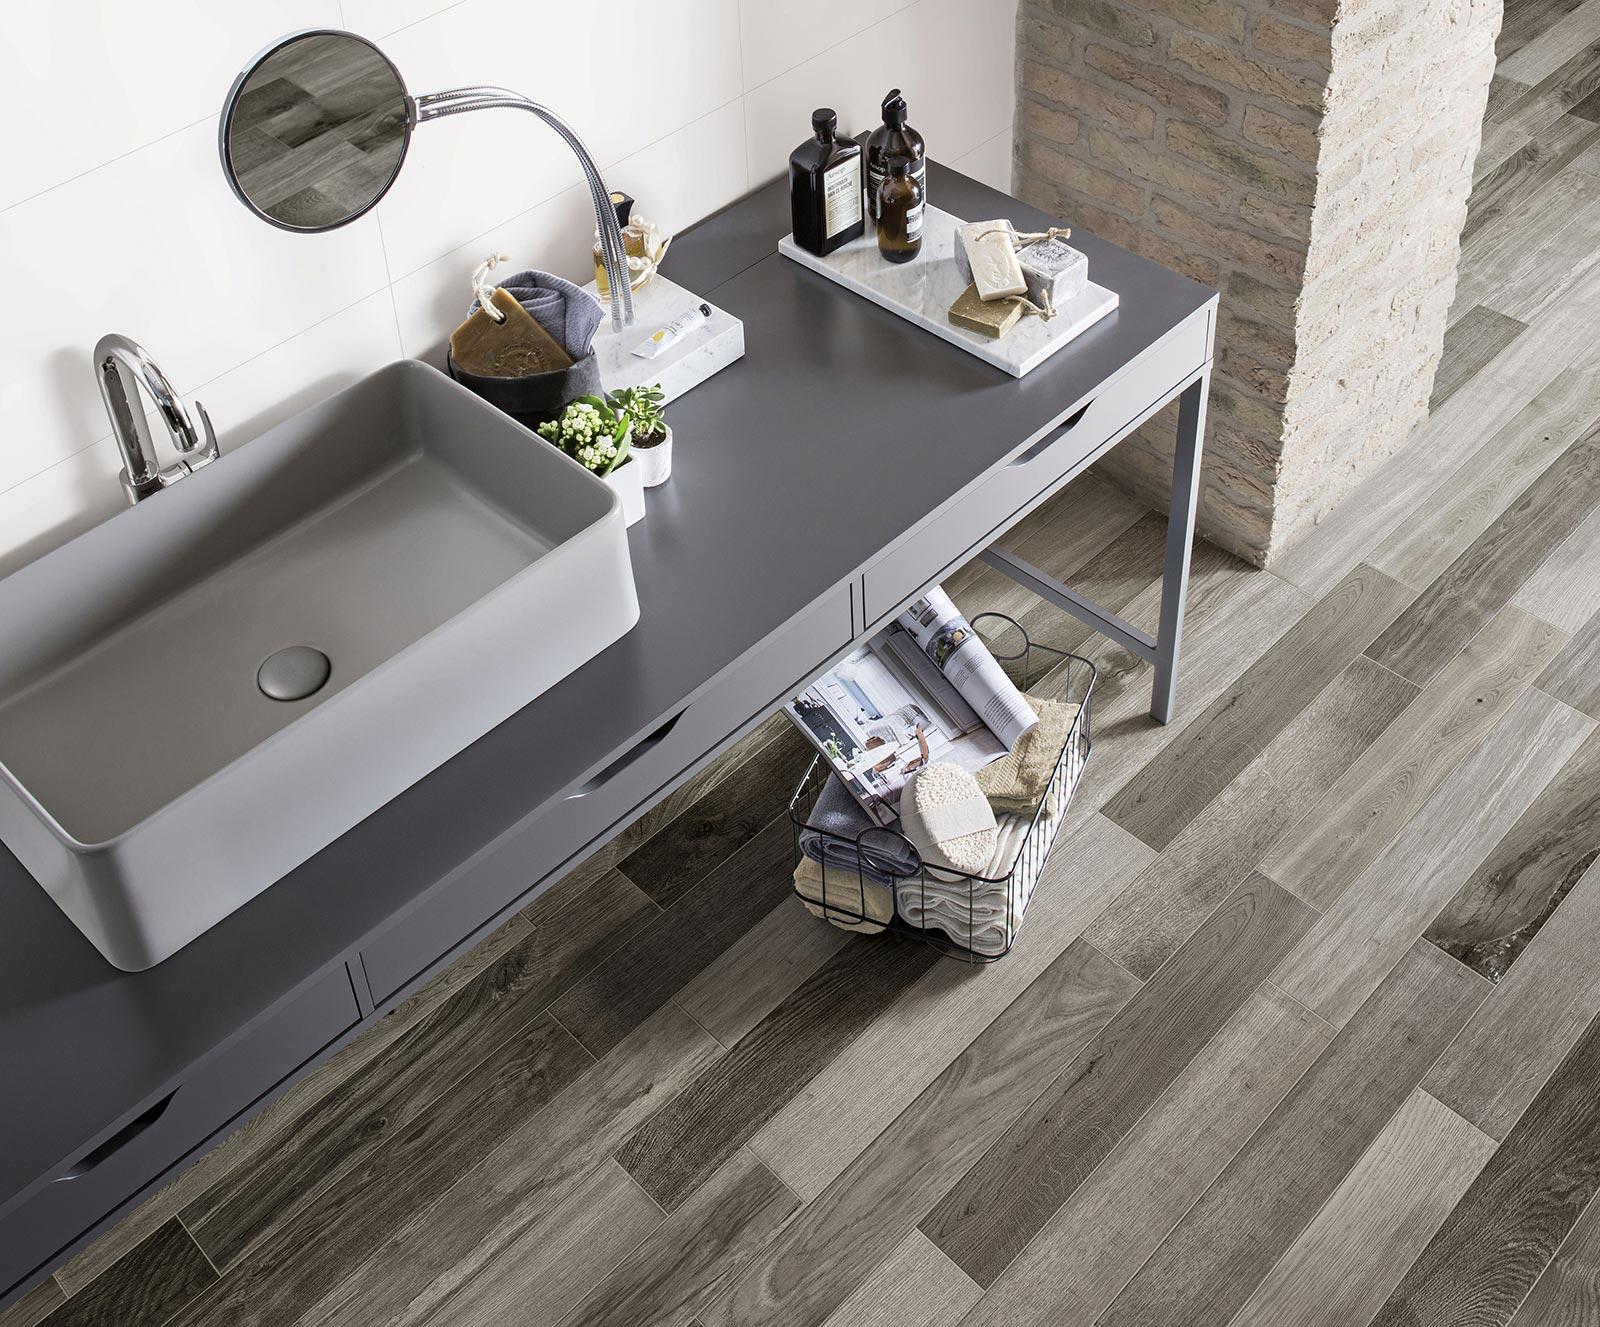 Carrelage salle de bain c ramique et gr s c rame marazzi for Carrelage sur plancher bois salle de bain